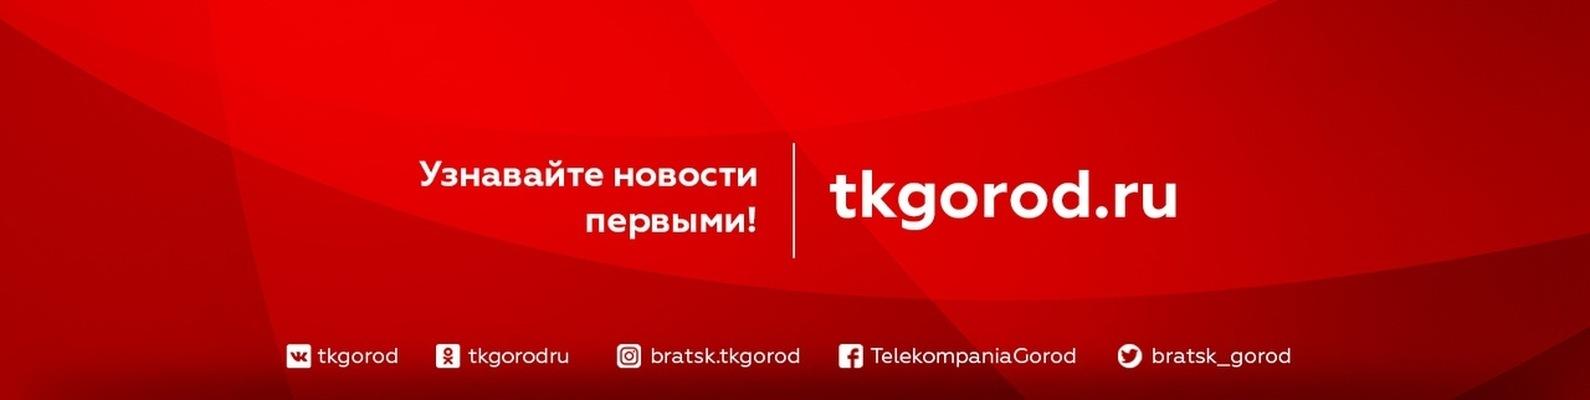 Картинки по запросу Tkgorod.ru